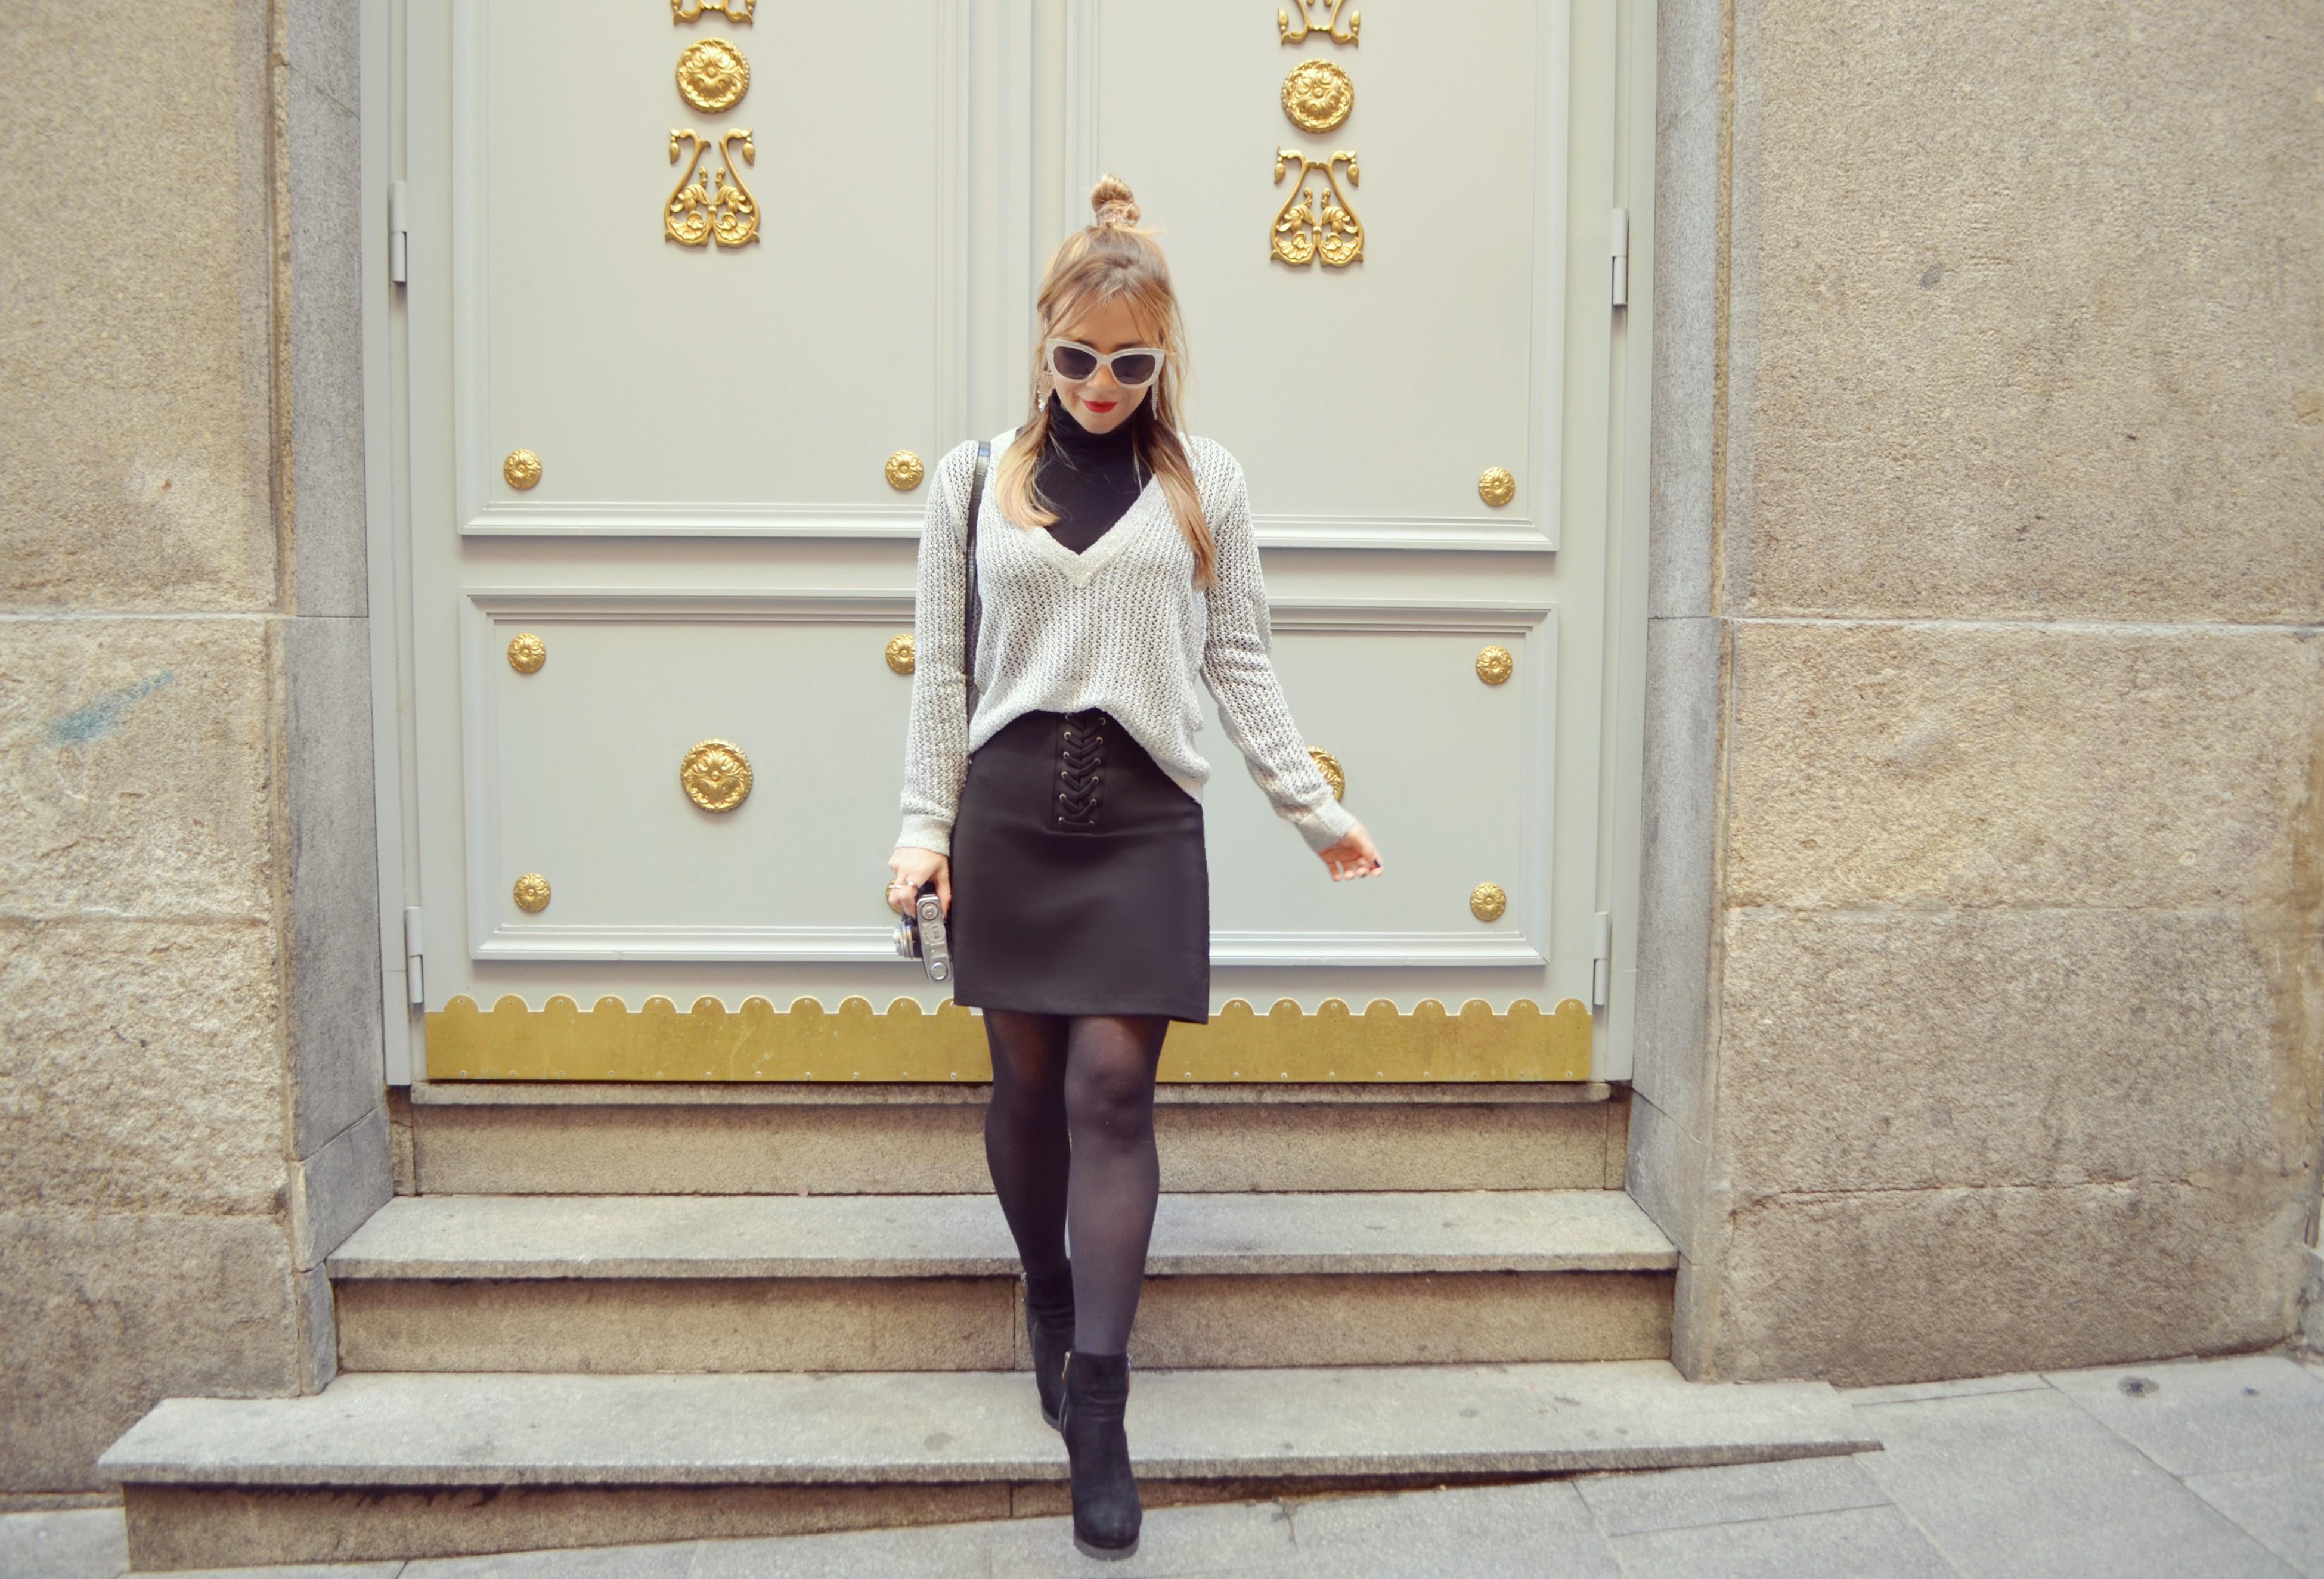 Blog-de-moda-ChicAdicta-Amichi-look-Chic-Adicta-falda-negra-casual-style-silver-Monki-sunglasses-Piensa-en-Chic-Piensa-en-Chic